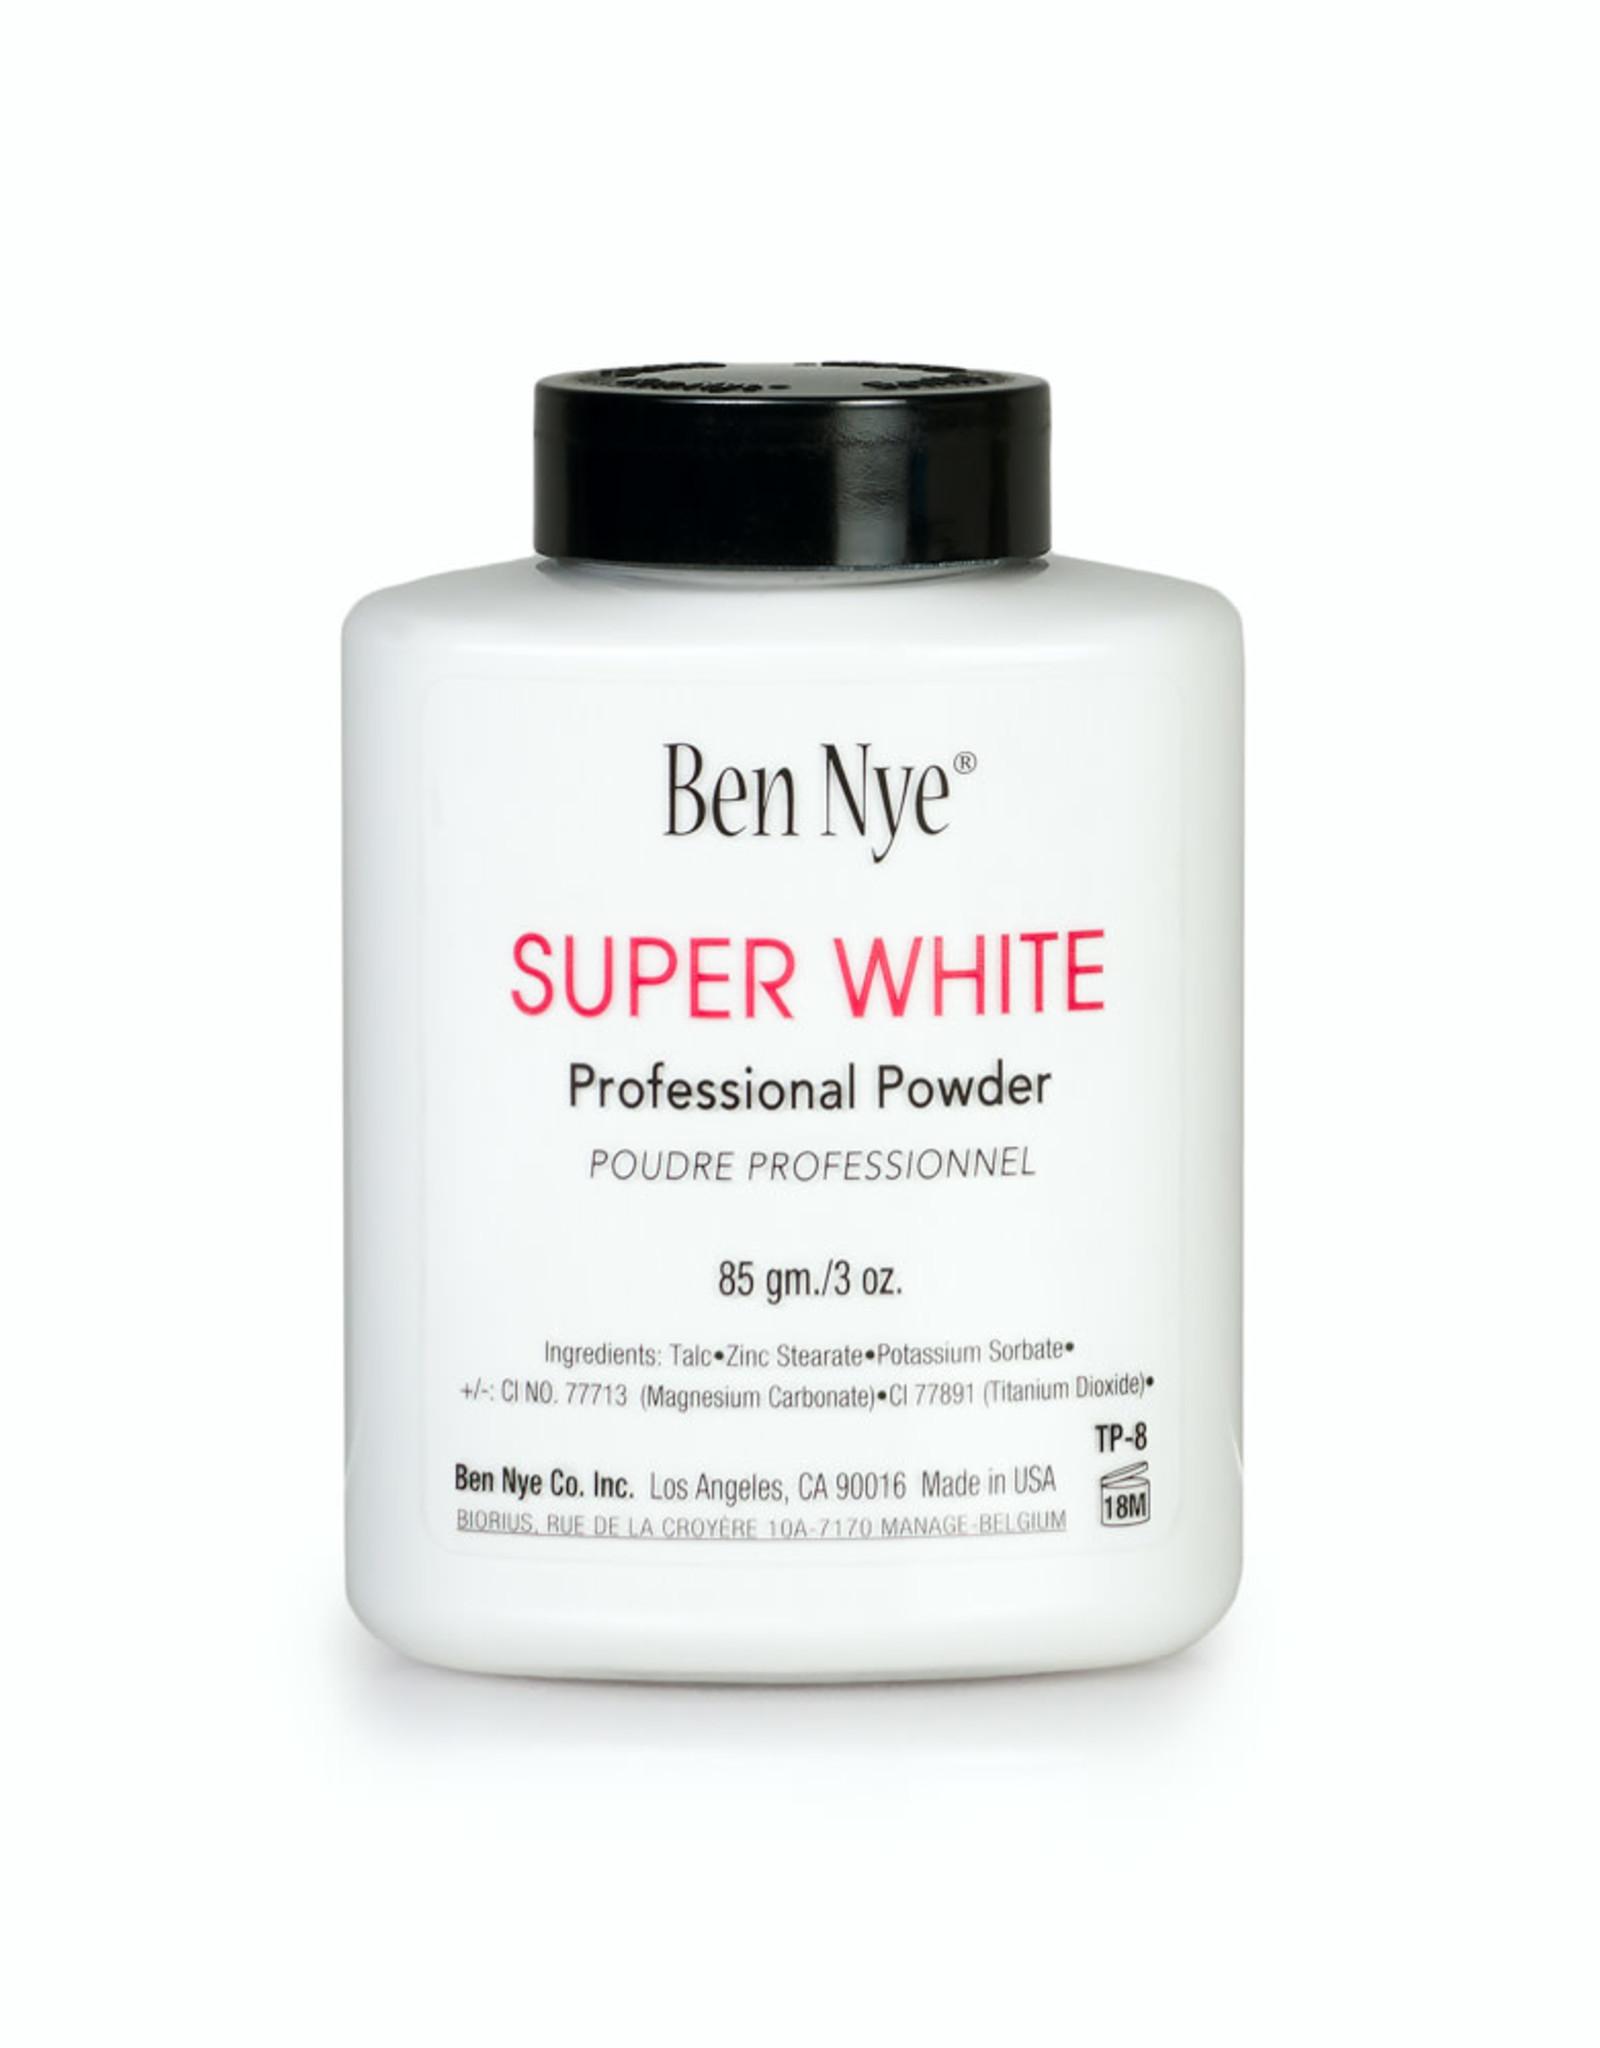 Ben Nye CLOWN-SUPER WHITE, FACE POWDER, 3 OZ